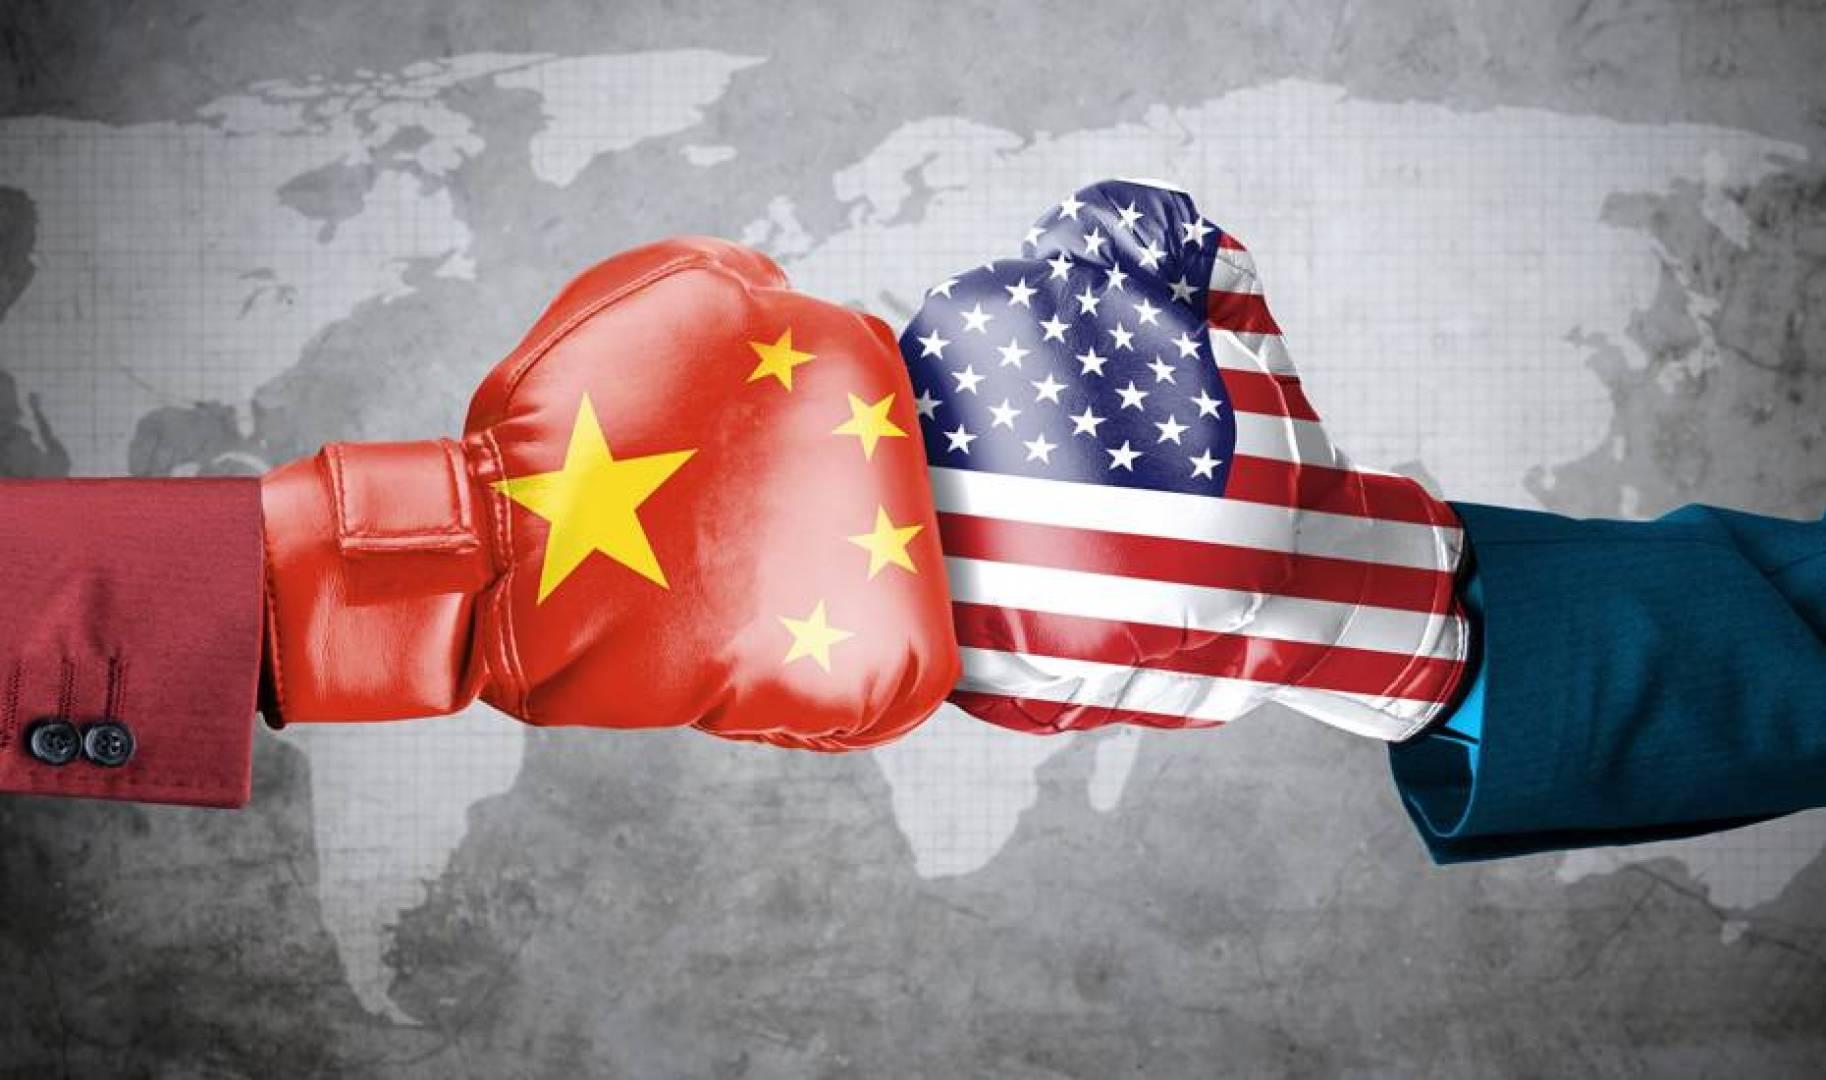 الصين تعقبت مدمرة أميركية «تغازل» مؤيدي استقلال تايوان